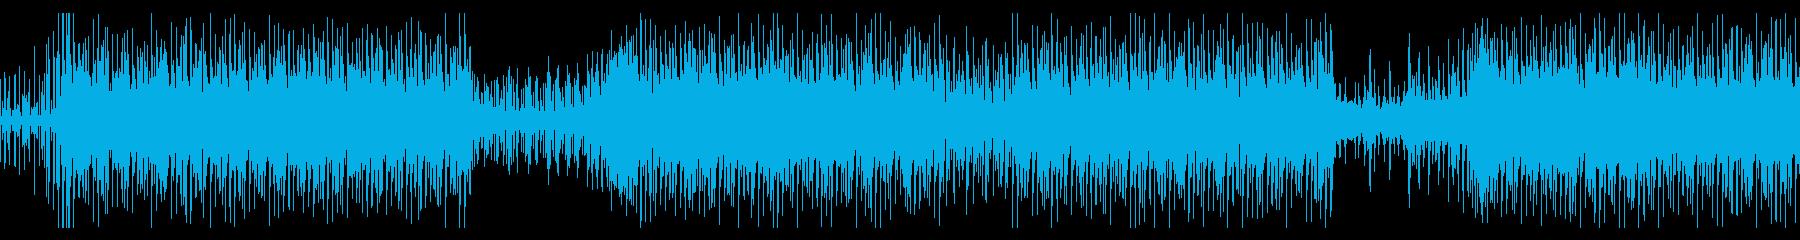 妖しい雰囲気のラテンハウス風楽曲の再生済みの波形